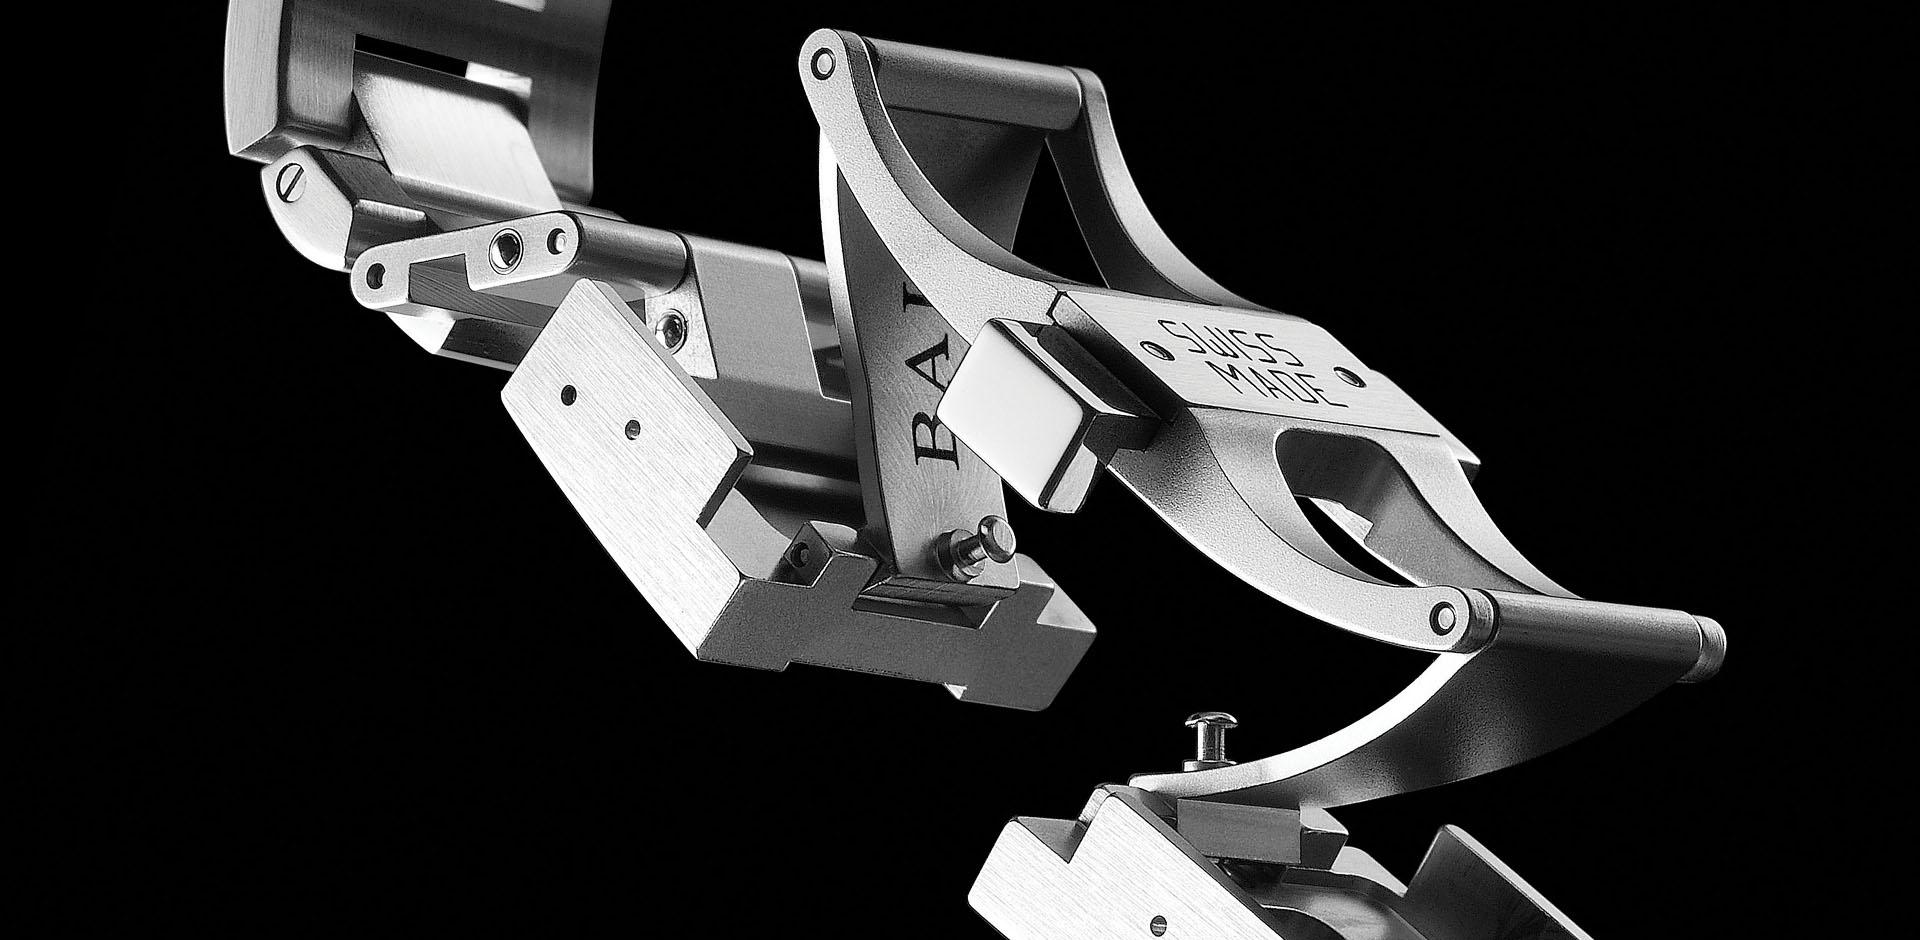 <p><strong>Au&szlig;ergew&ouml;hnliche Widerstandsf&auml;higkeit und h&ouml;chster Komfort</strong></p>  <p>Die patentierte BALL-Watch-Dreifachfaltschlie&szlig;e mit Verl&auml;ngerung bietet gleich mehrere Vorteile. Zur Erh&ouml;hung der Widerstandsf&auml;higkeit und Langlebigkeit wurde die Schlie&szlig;e aus einem einzigen Edelstahlblock gefertigt. F&uuml;r optimalen Komfort wurden die Faltelemente der ausgewogenen Schlie&szlig;e gleichm&auml;&szlig;ig unter der Schlie&szlig;abdeckung verteilt, w&auml;hrend das 22-mm-Verl&auml;ngerungssystem an beiden Seiten des Armbands f&uuml;r ergonomischen Sitz bei unterschiedlicher Sportkleidung sorgt.</p>